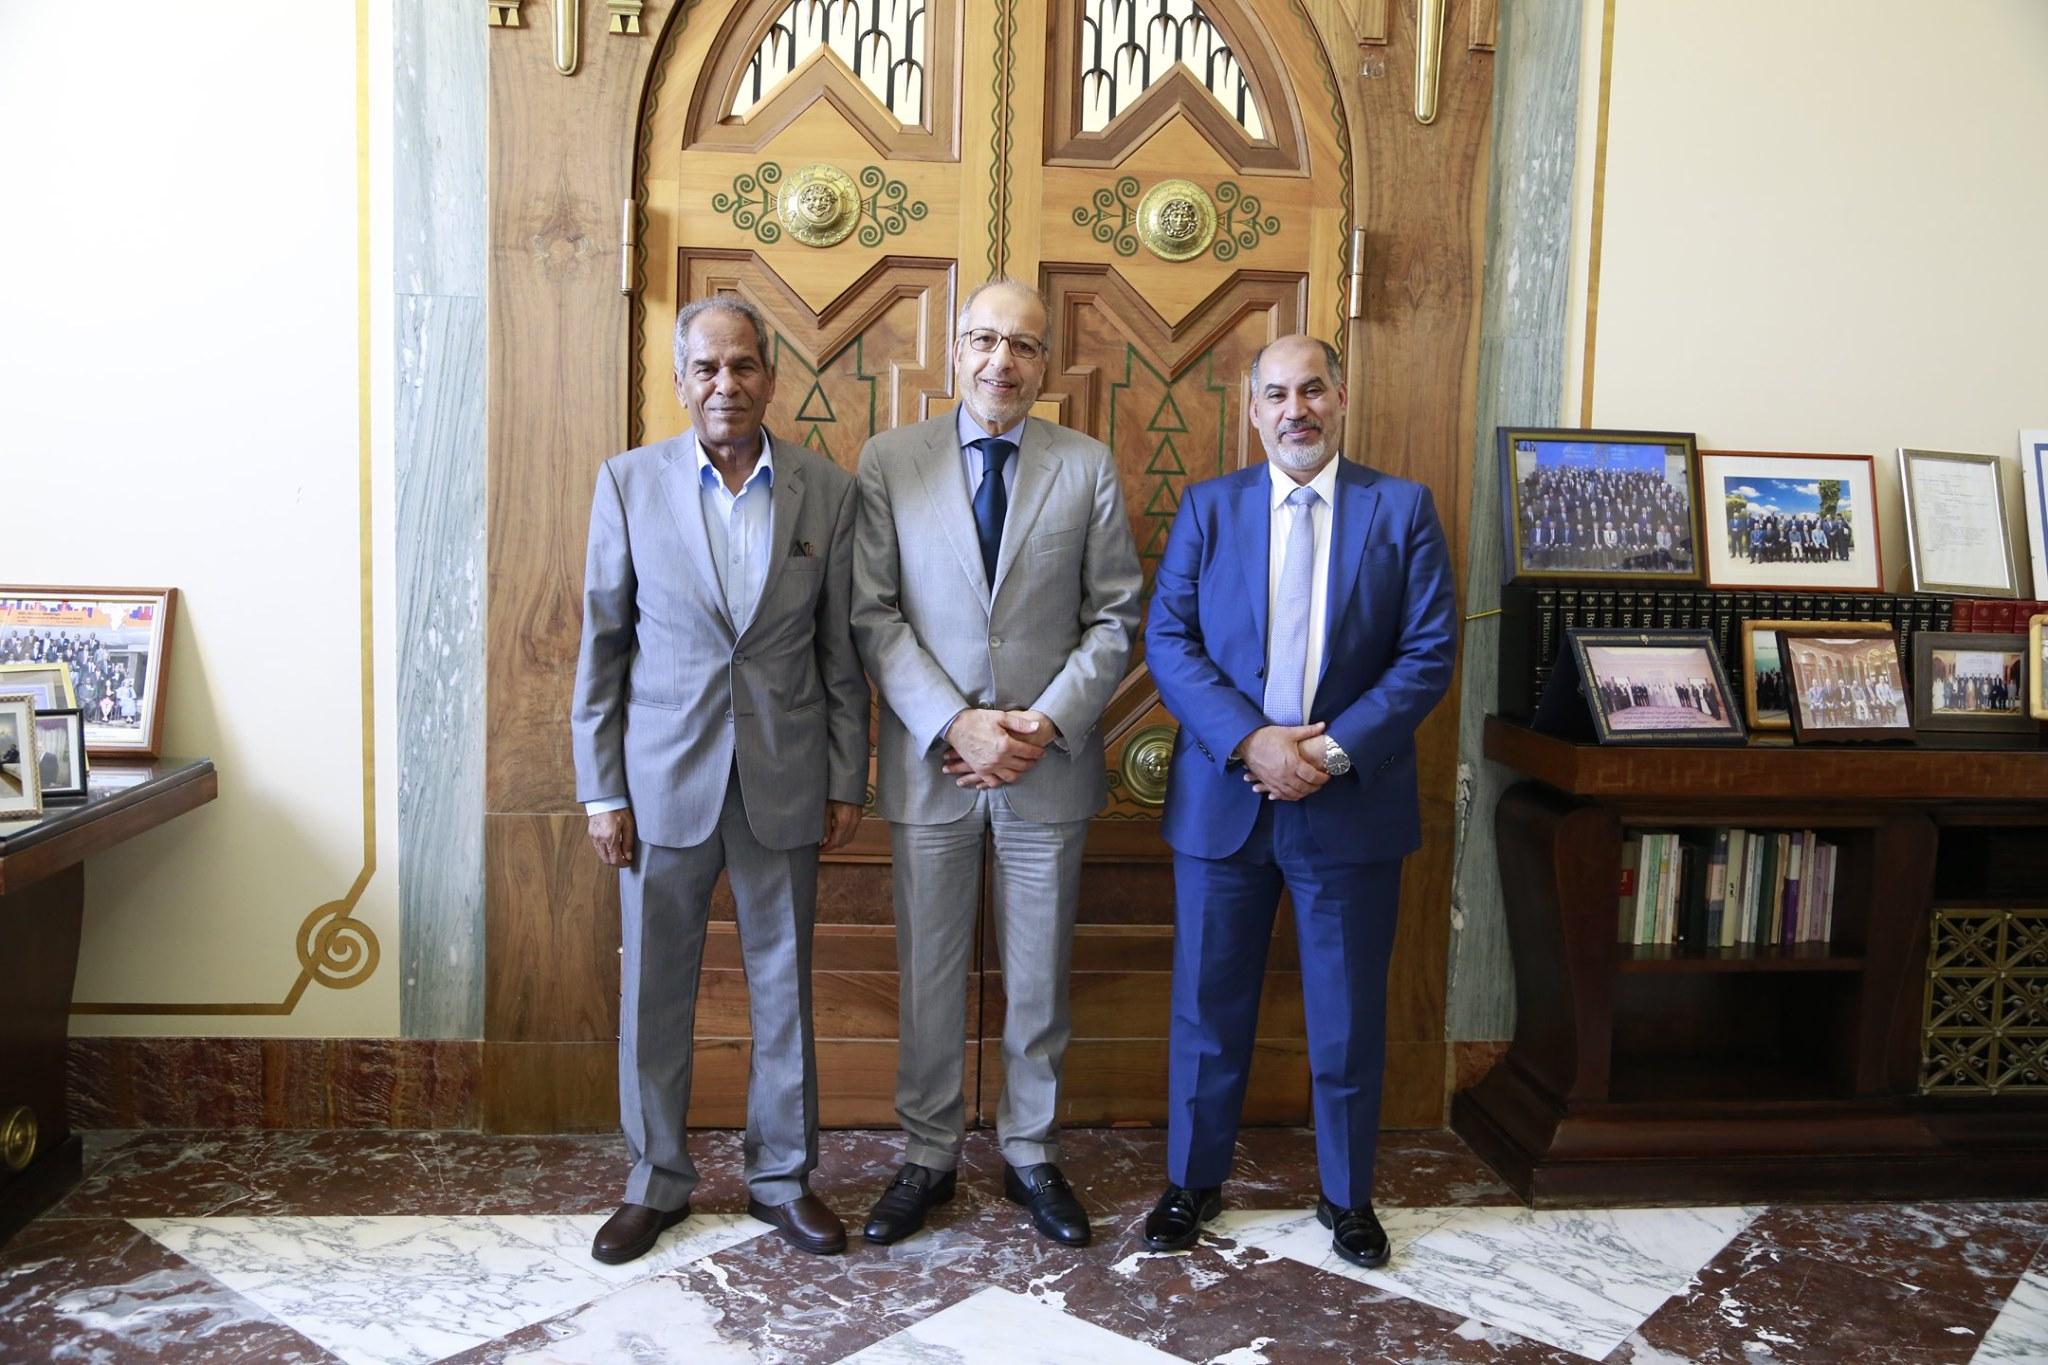 إجتماع مع نائب رئيس المجلس الرئاسي لحكومة الوفاق الوطني ونائب رئيس المجلس الأعلى للدولة